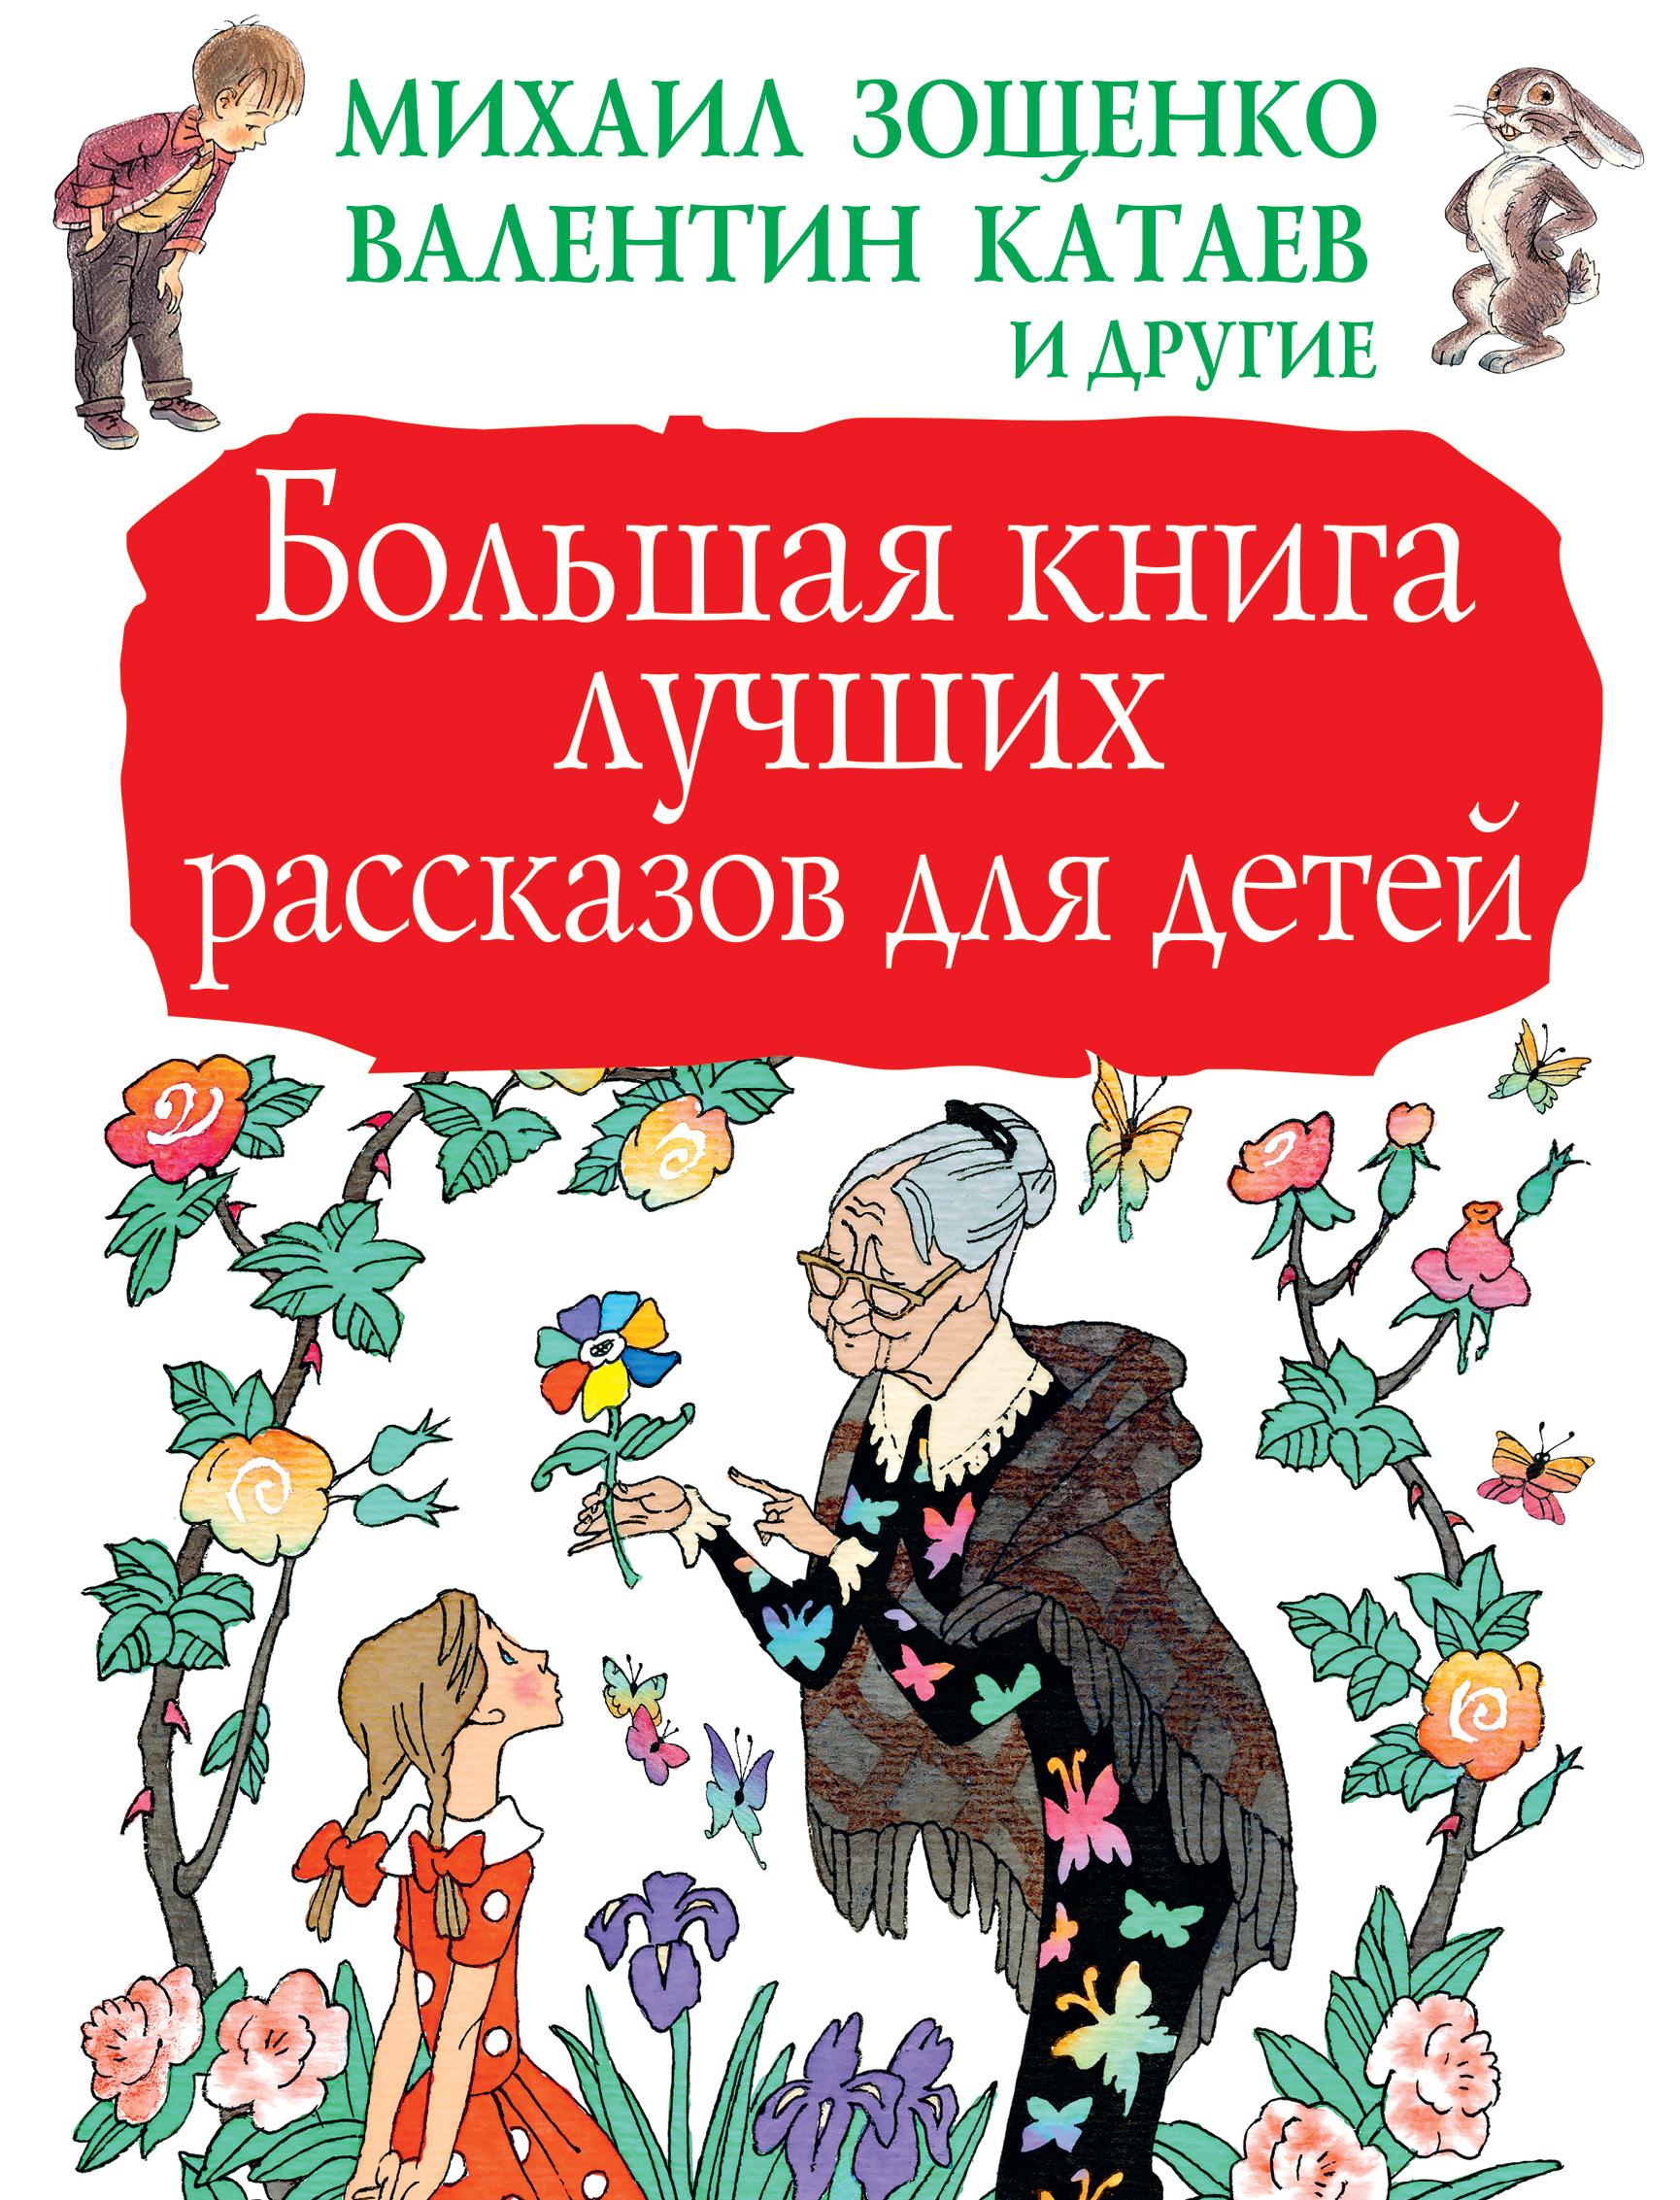 Большая книга лучших рассказов для детей